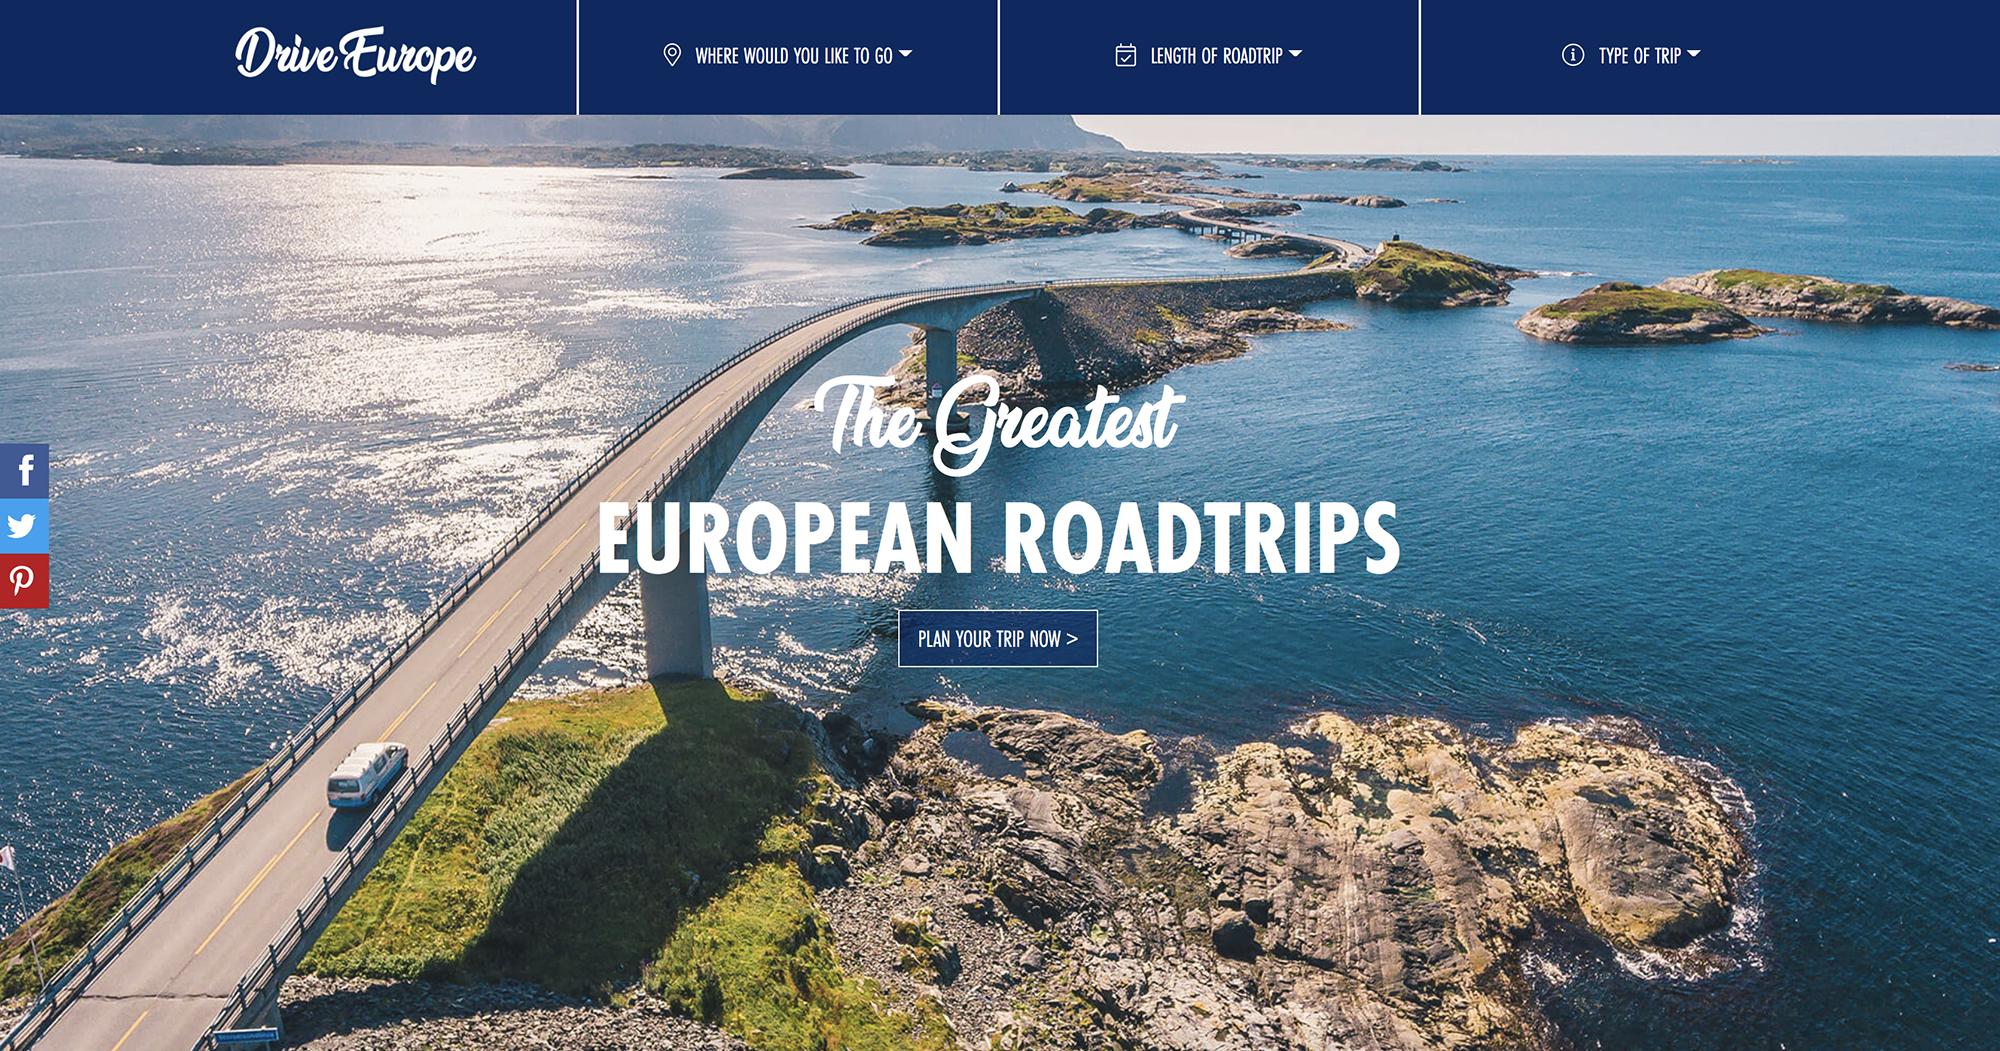 Conducir Europa